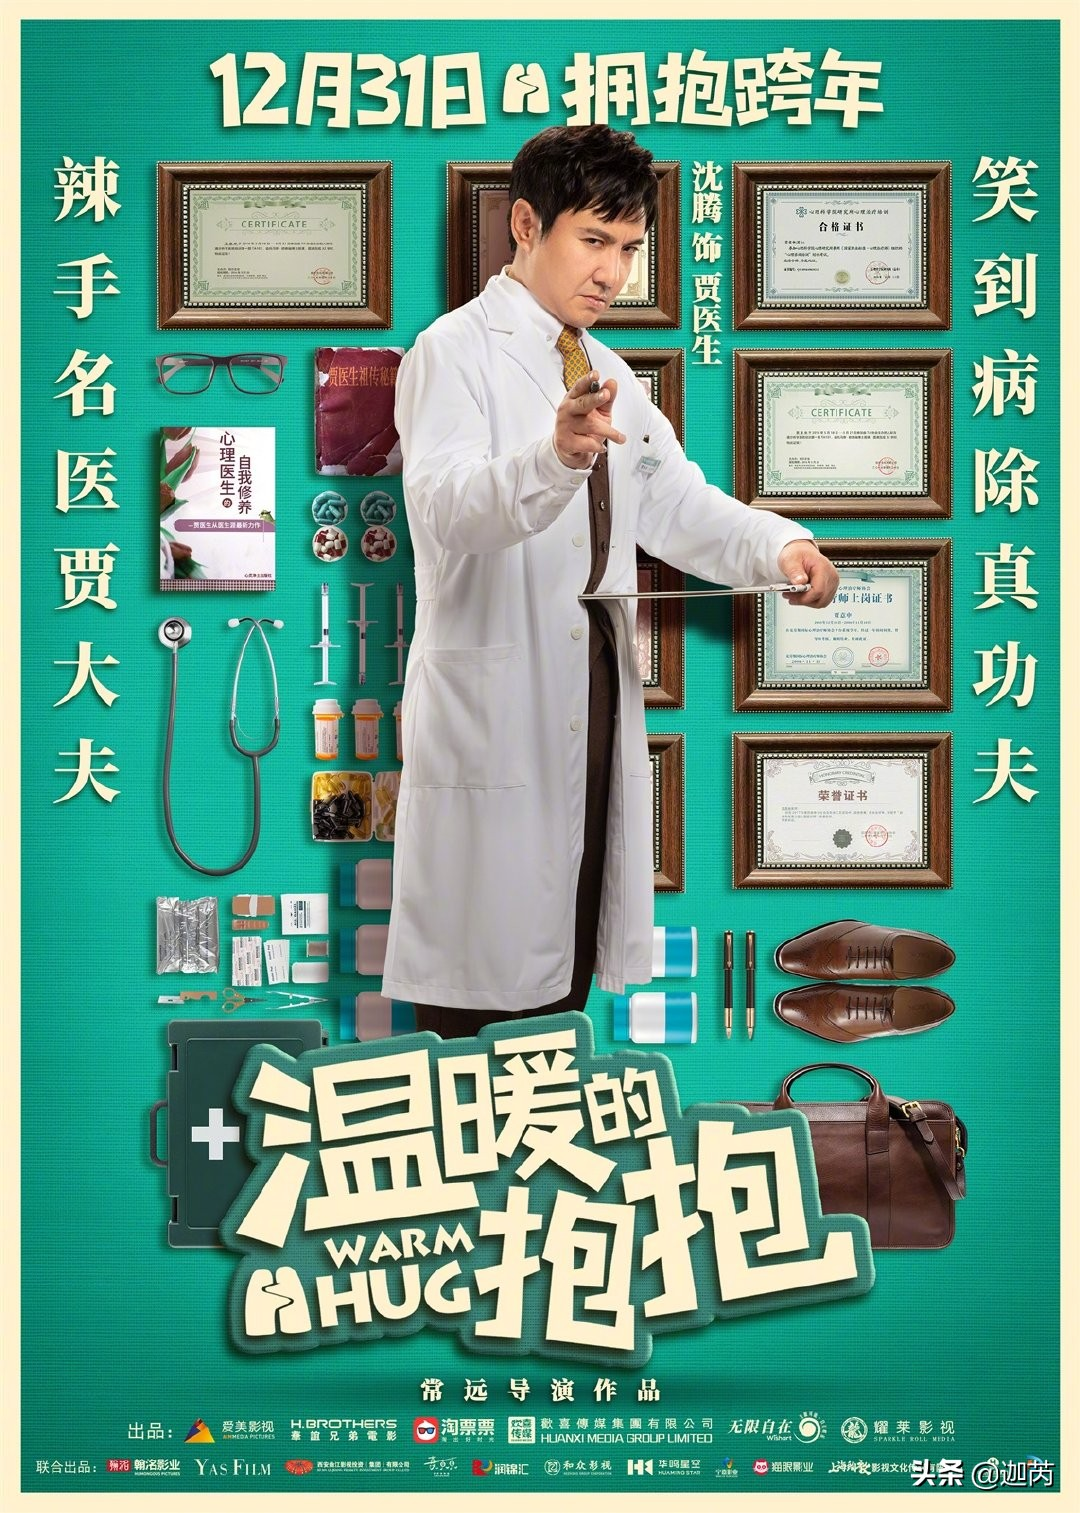 《温暖的抱抱》李沁首部喜剧电影,抱抱跨年给你温暖